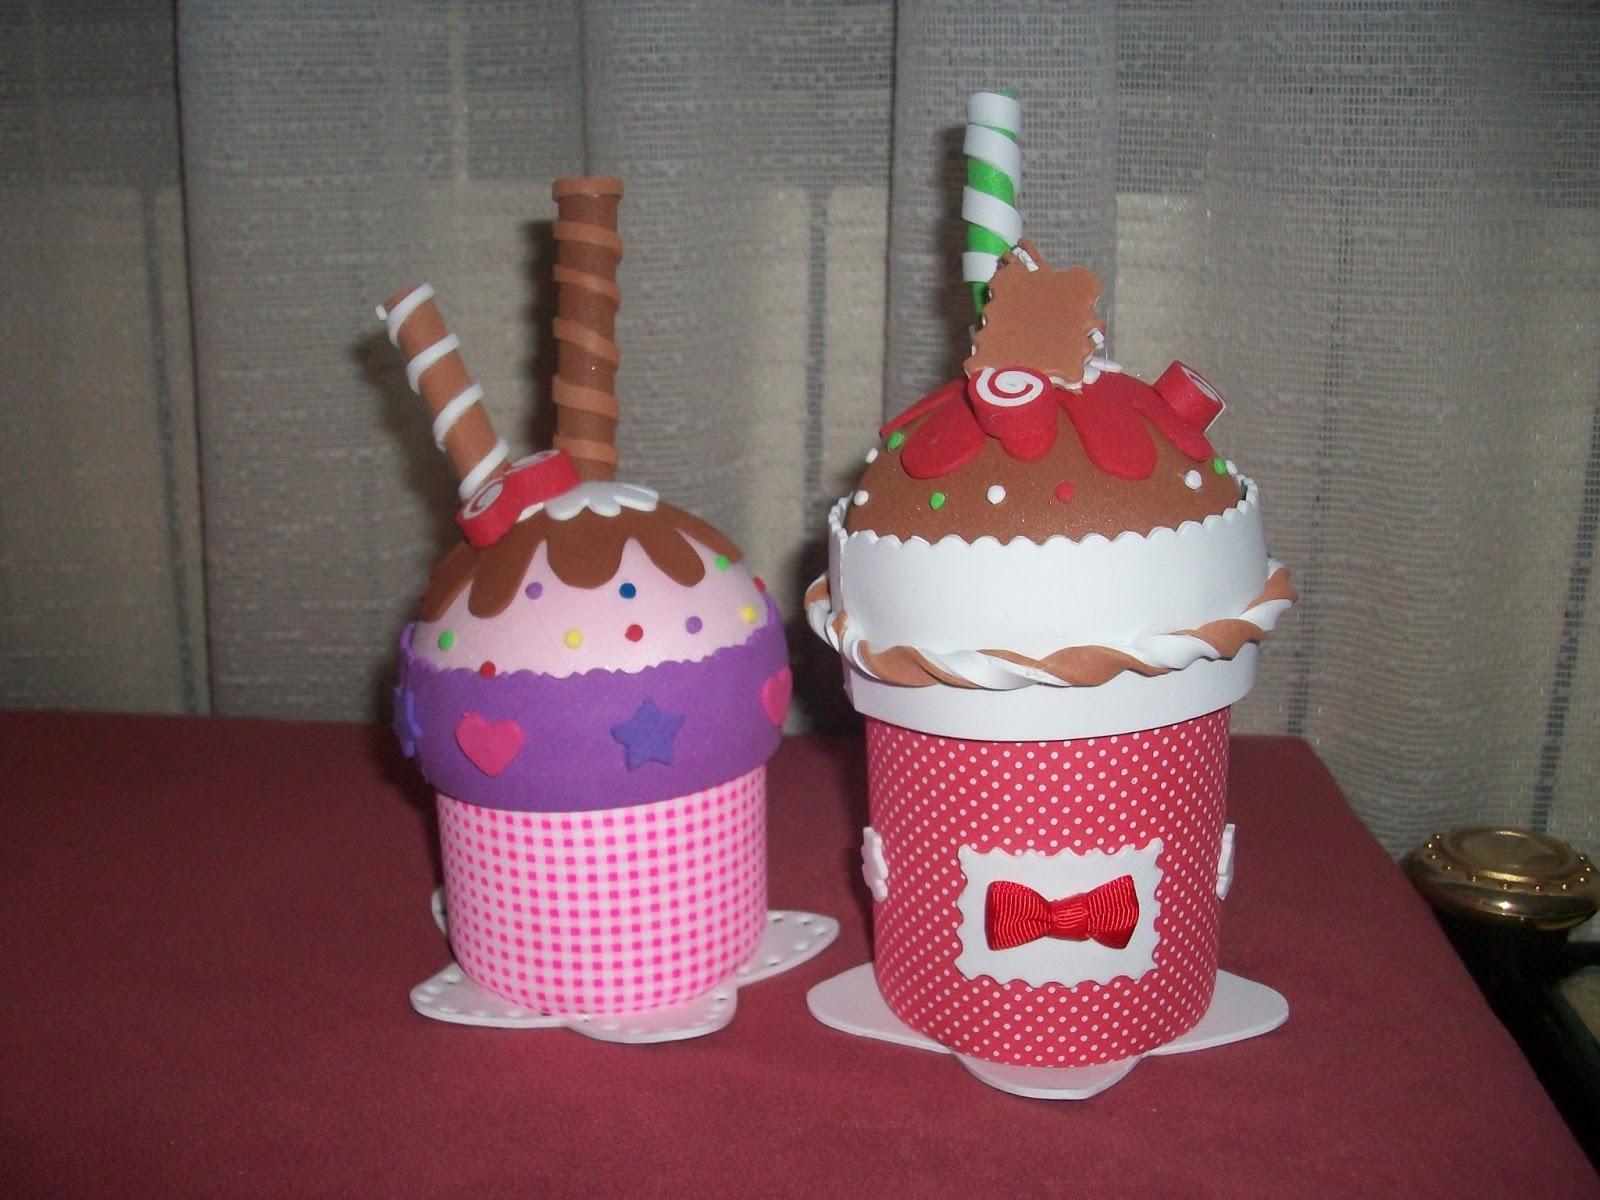 Kokylandia el mundo de las kokuchas botes helado de goma eva for Botes de cocina decorados con goma eva